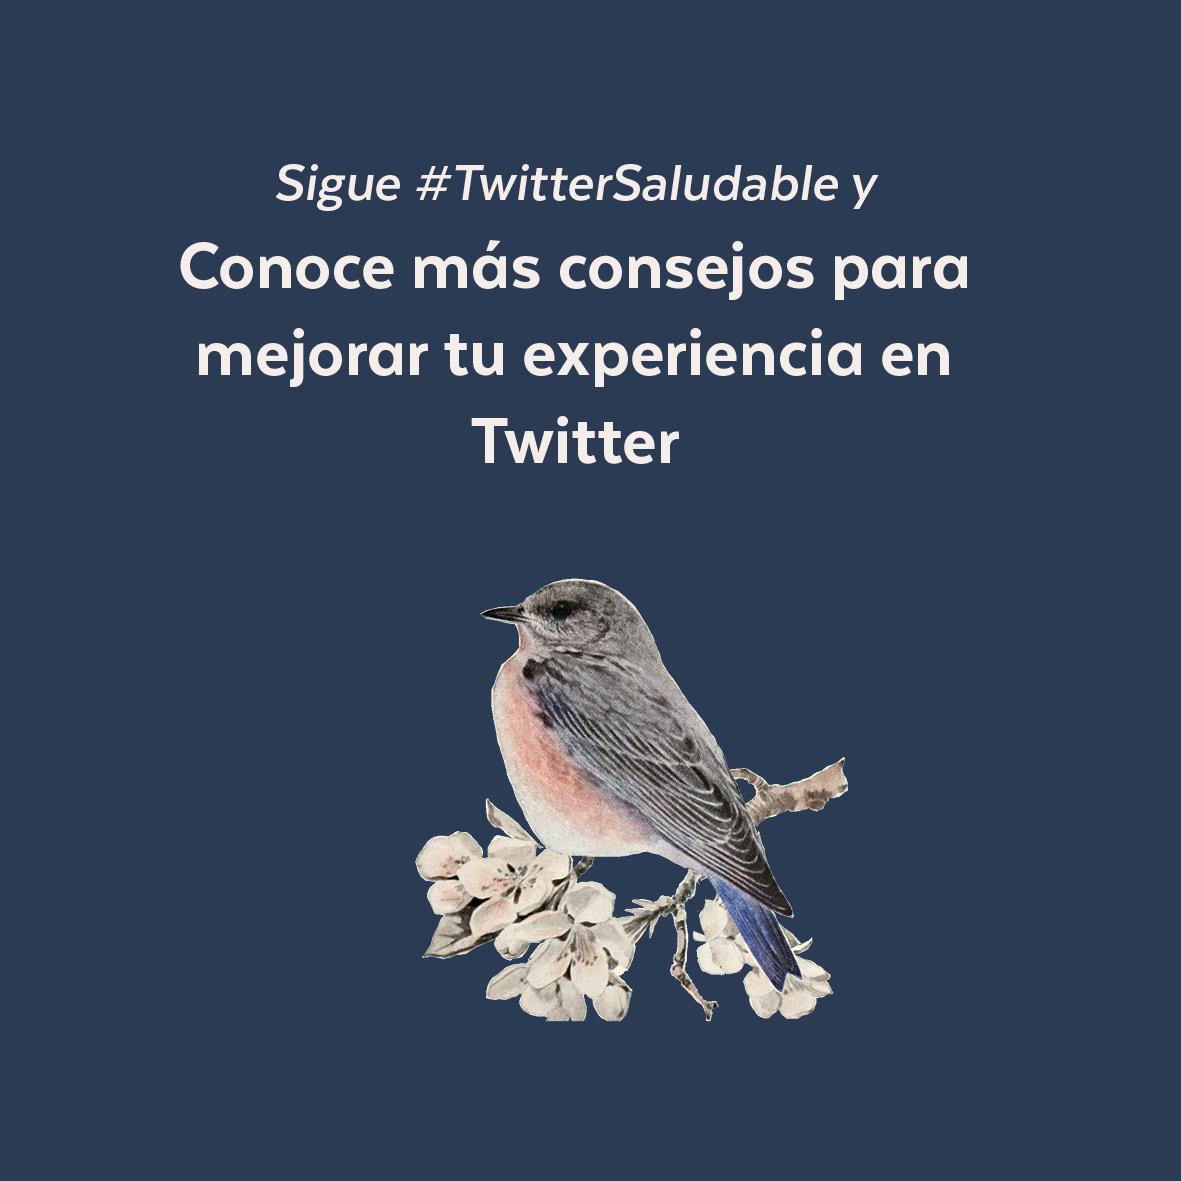 Sigue el HT #TwitterSaludable y revisa las recomendaciones que hemos preparado para ti